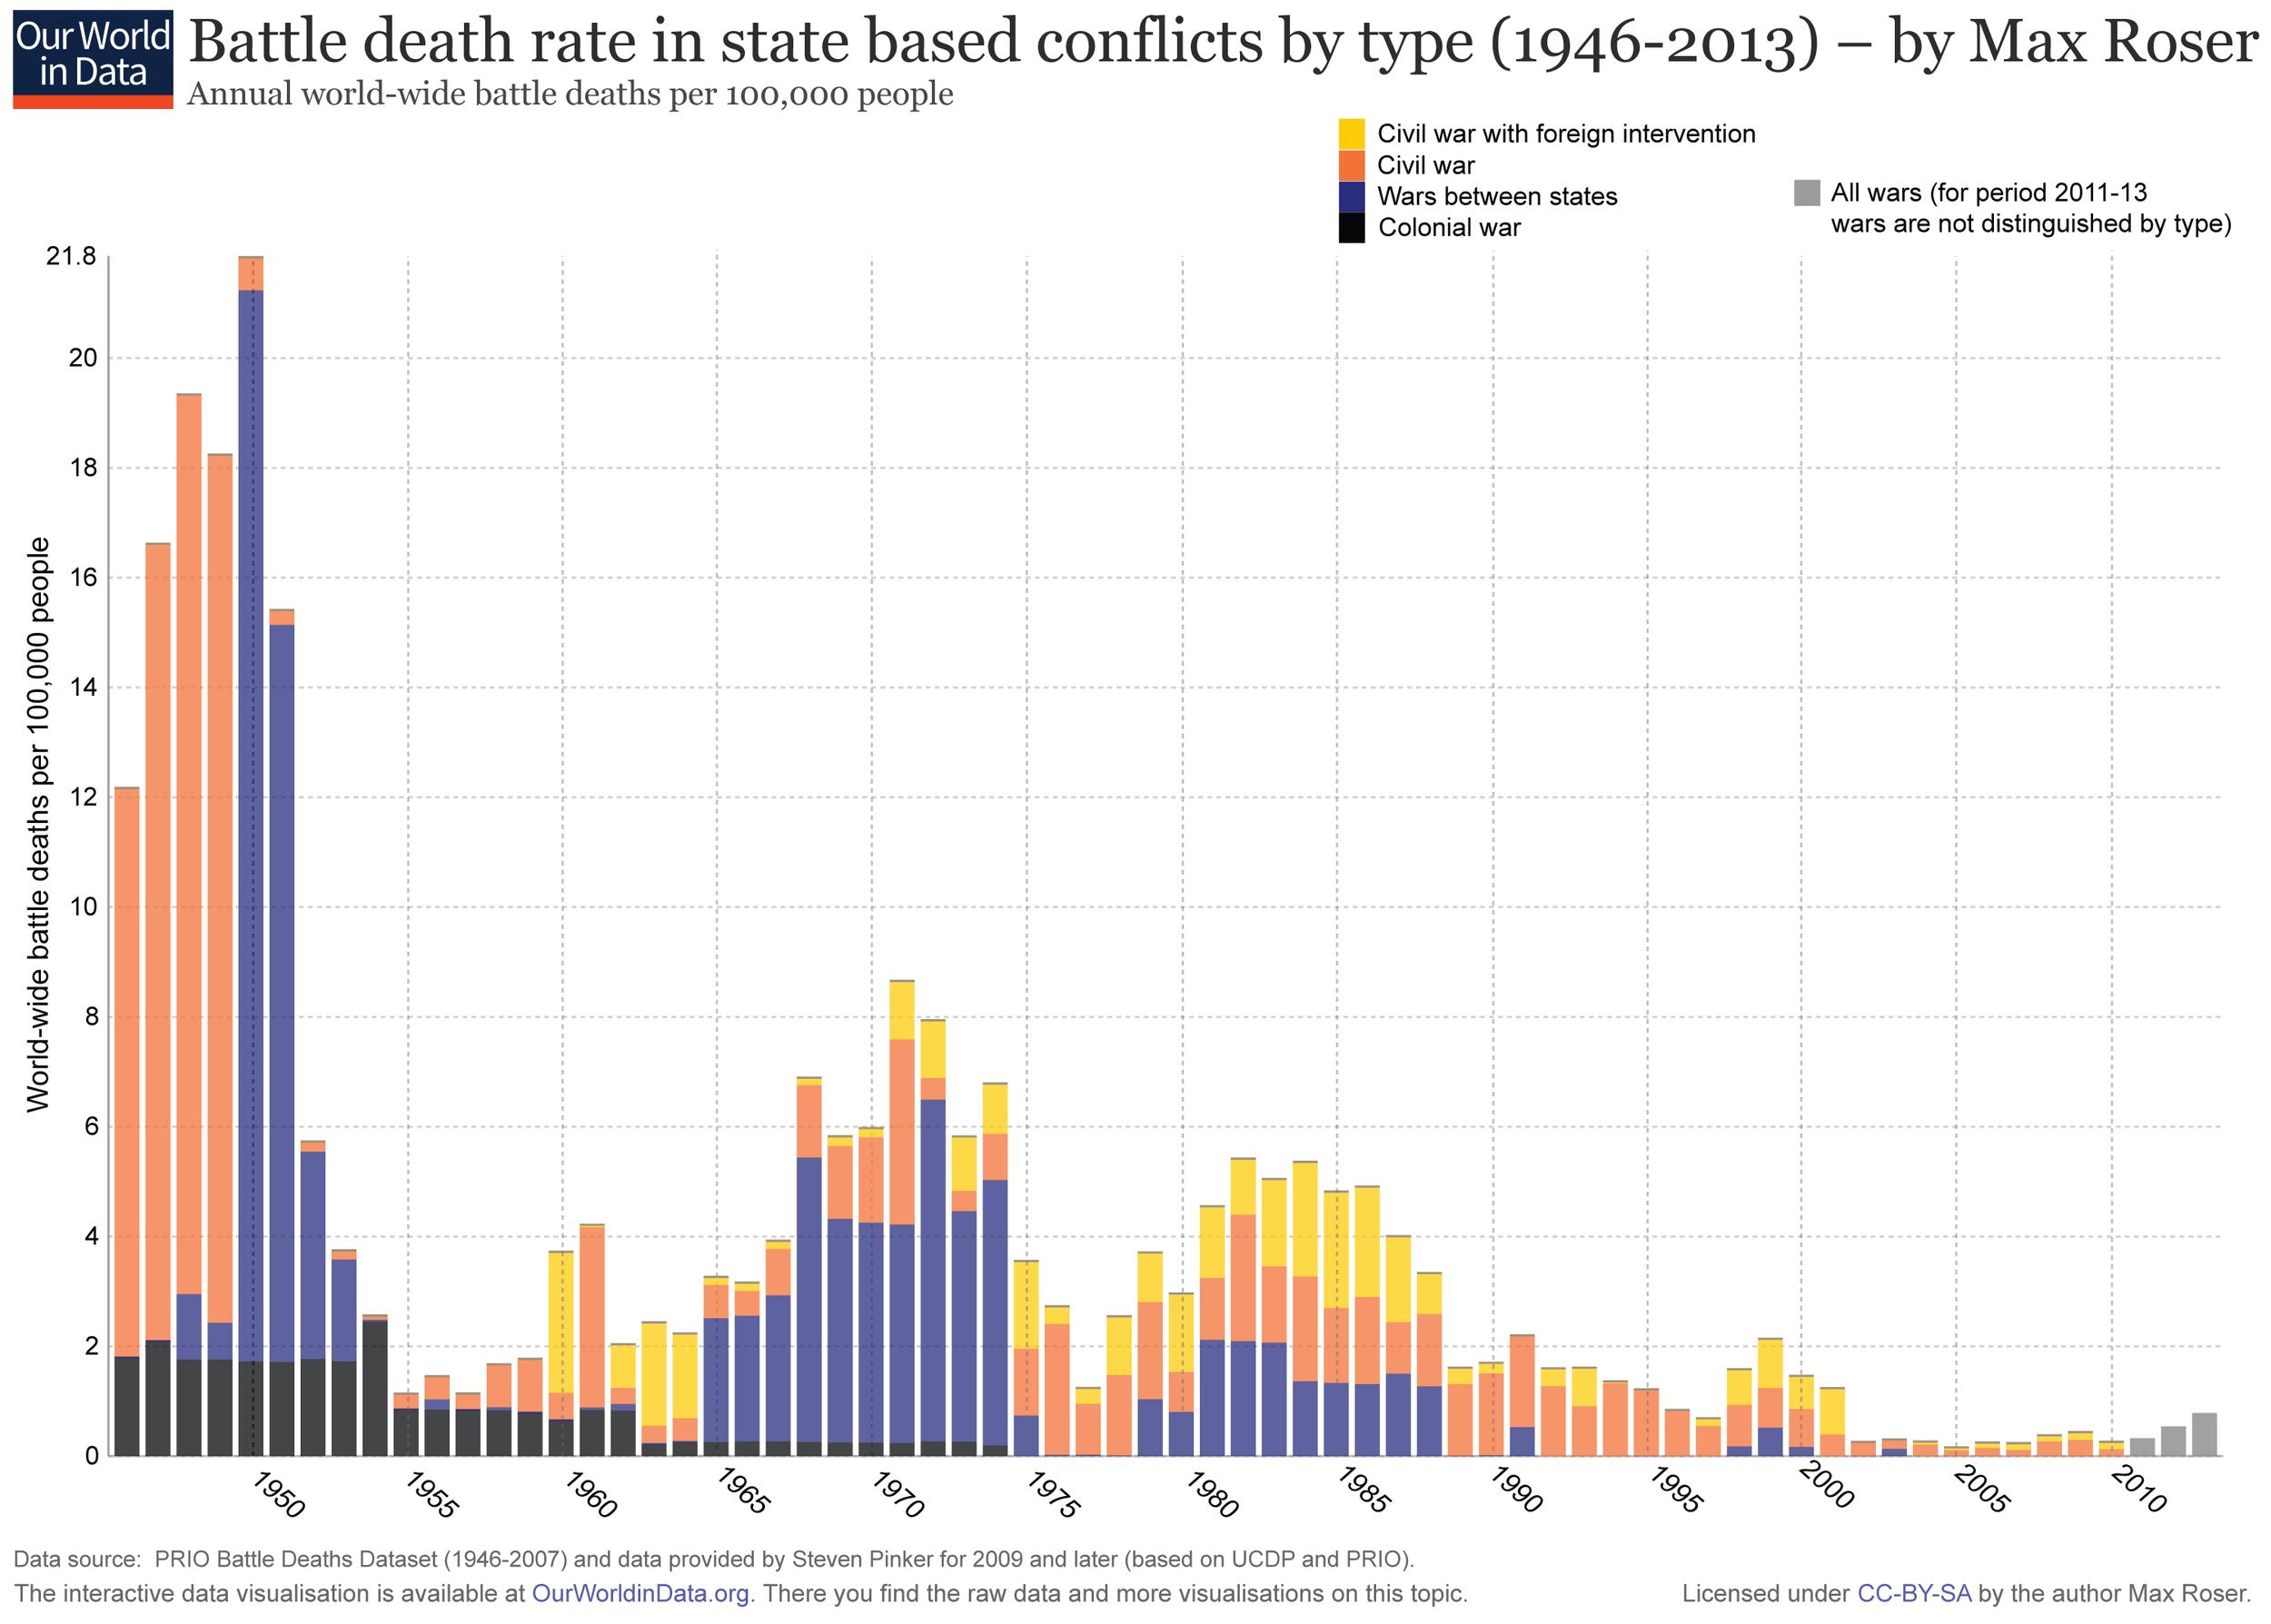 2. Dünya Savaşı sonrası, savaşlardaki ölüm oranları. Özellikle endüstriyelleşmiş ülkelerin çoğunun arasında savaşı bırak, savaş tehdidi bile yok.